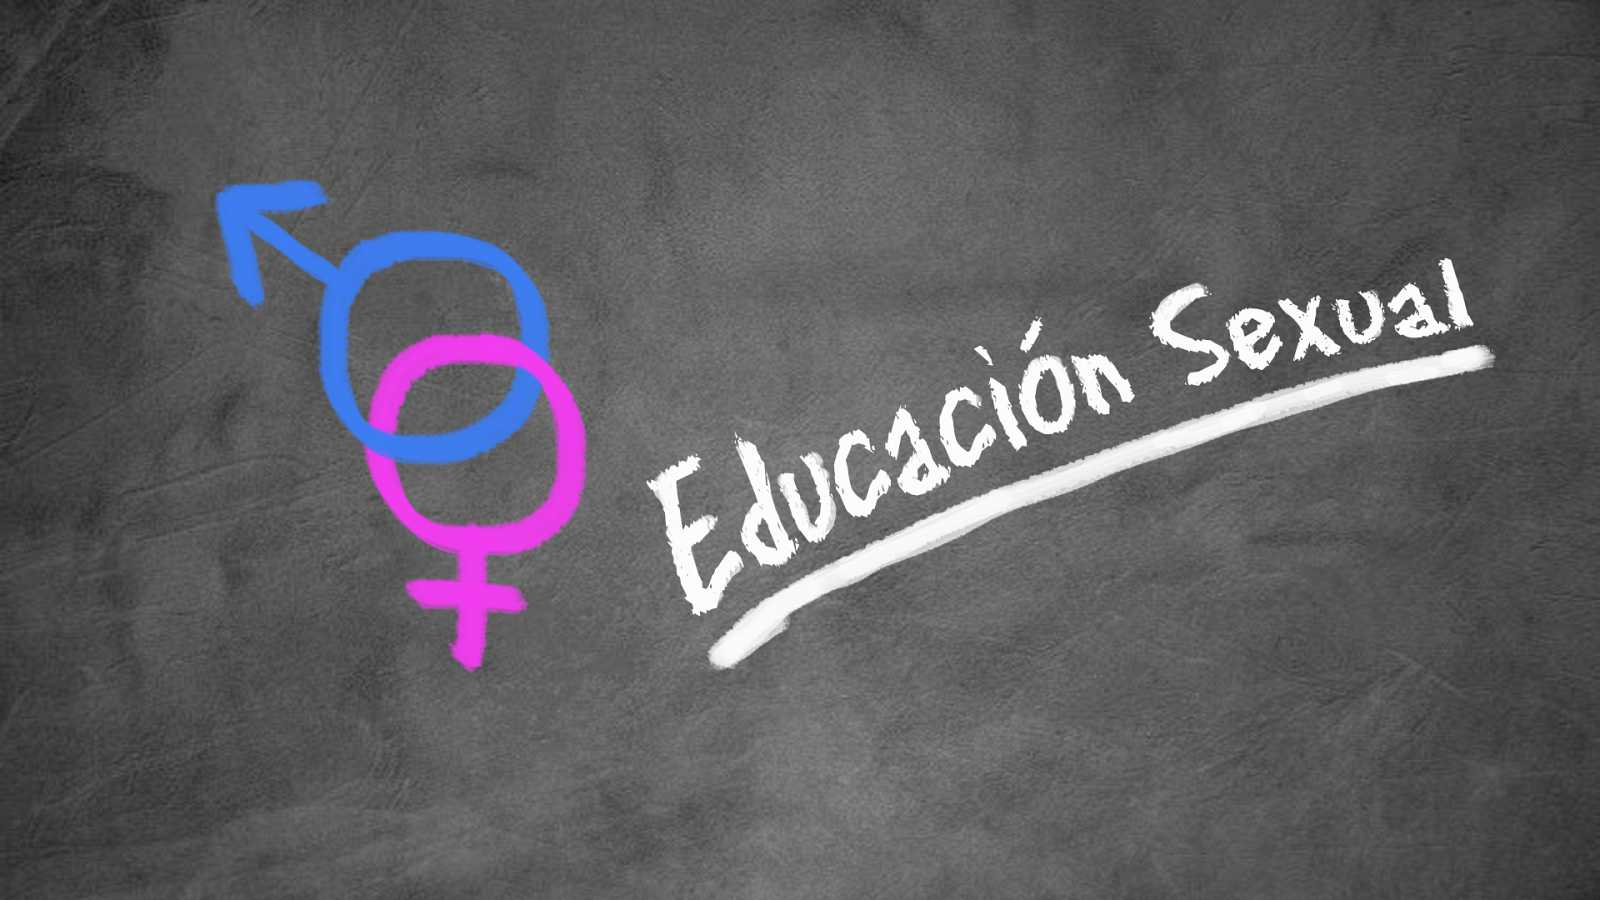 Futuro abierto - Educación sexual - 08/03/20 - escuchar ahora